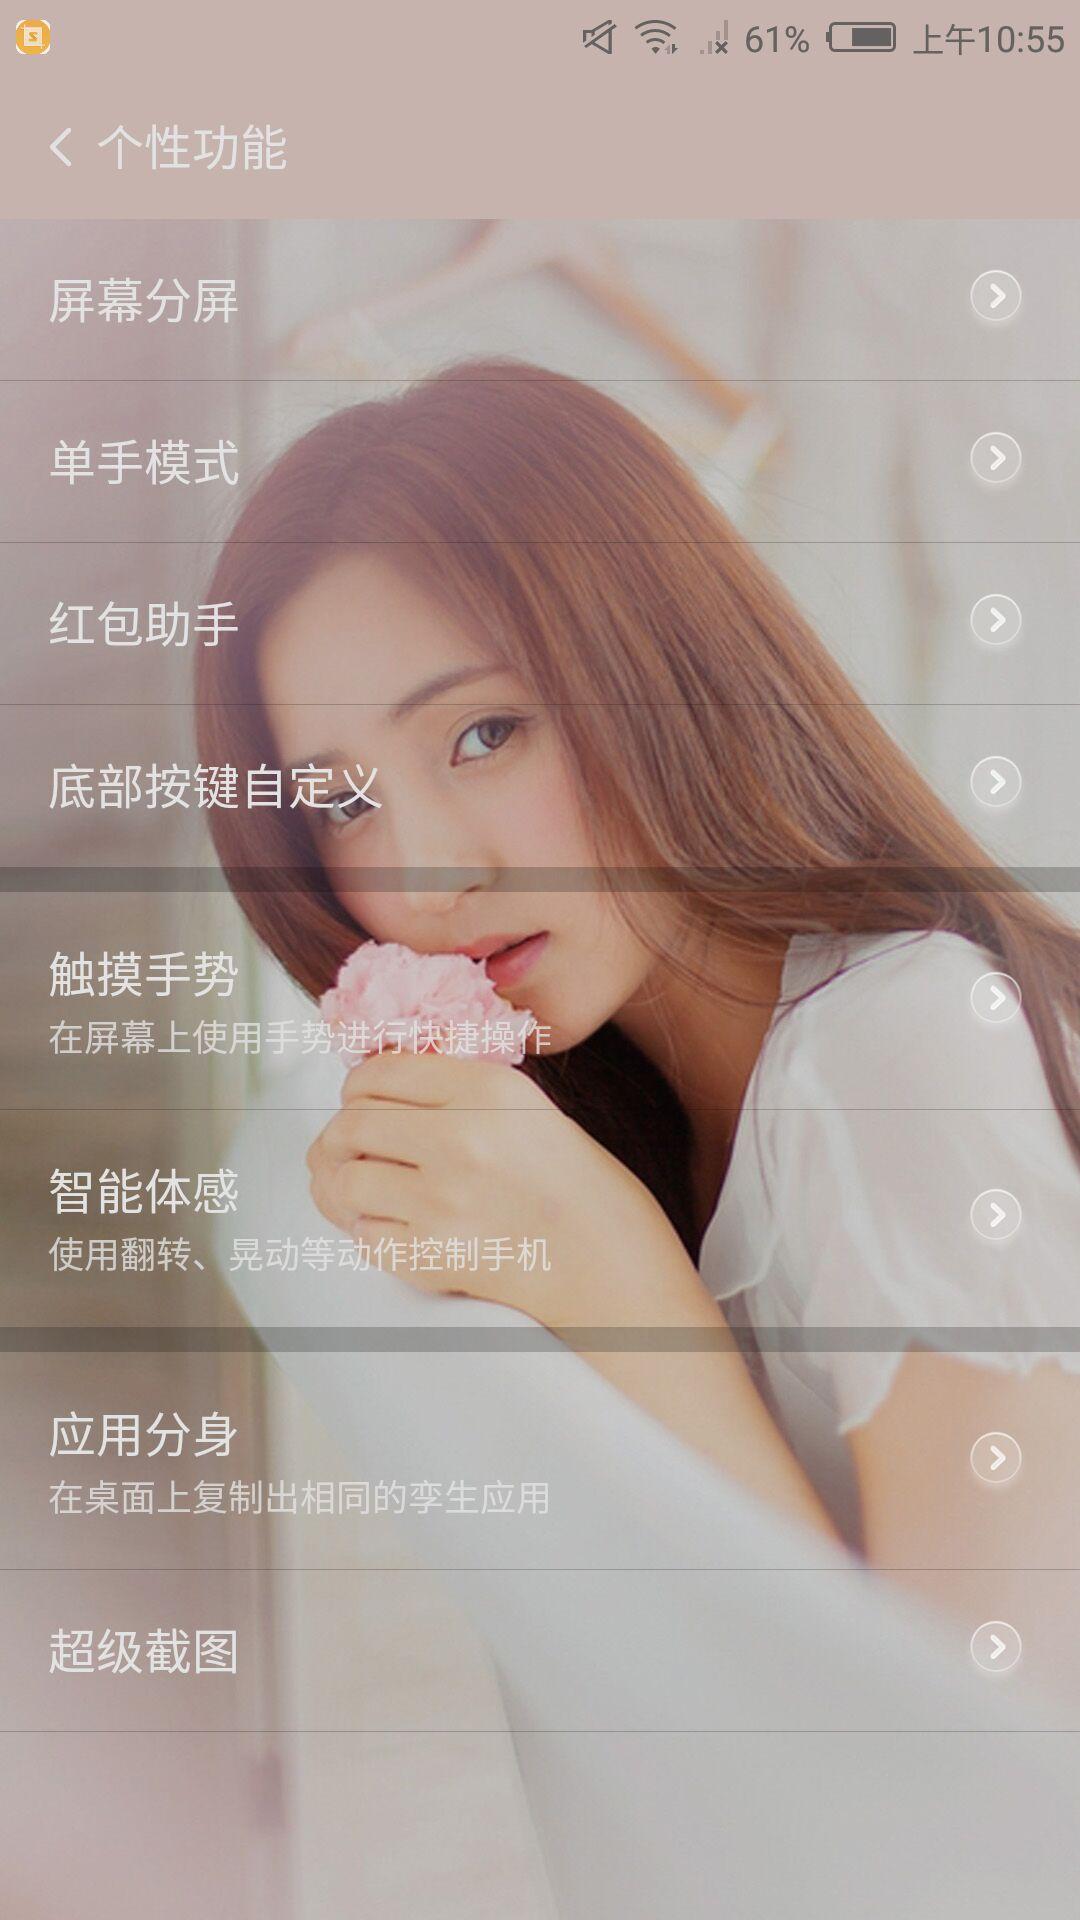 FC0F46DB21DA9EB5CE07843062C09070.jpg